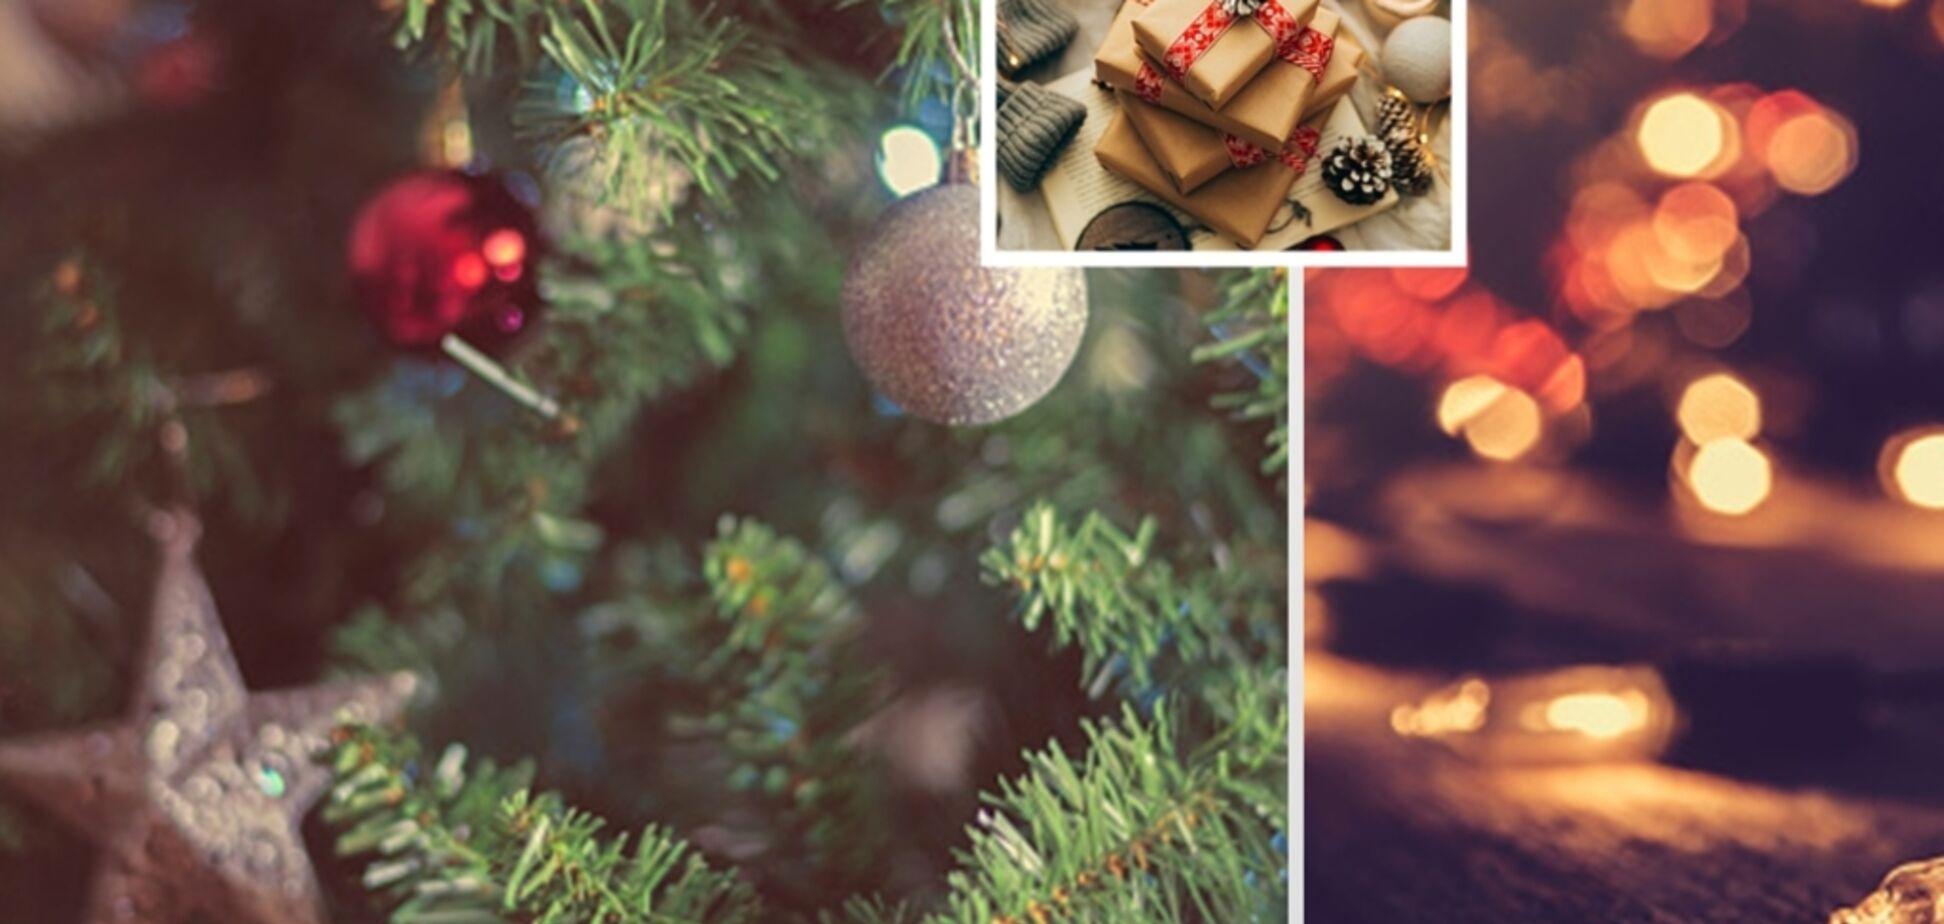 Різдво 25 грудня: як відзначають українці та чи перенесуть свято